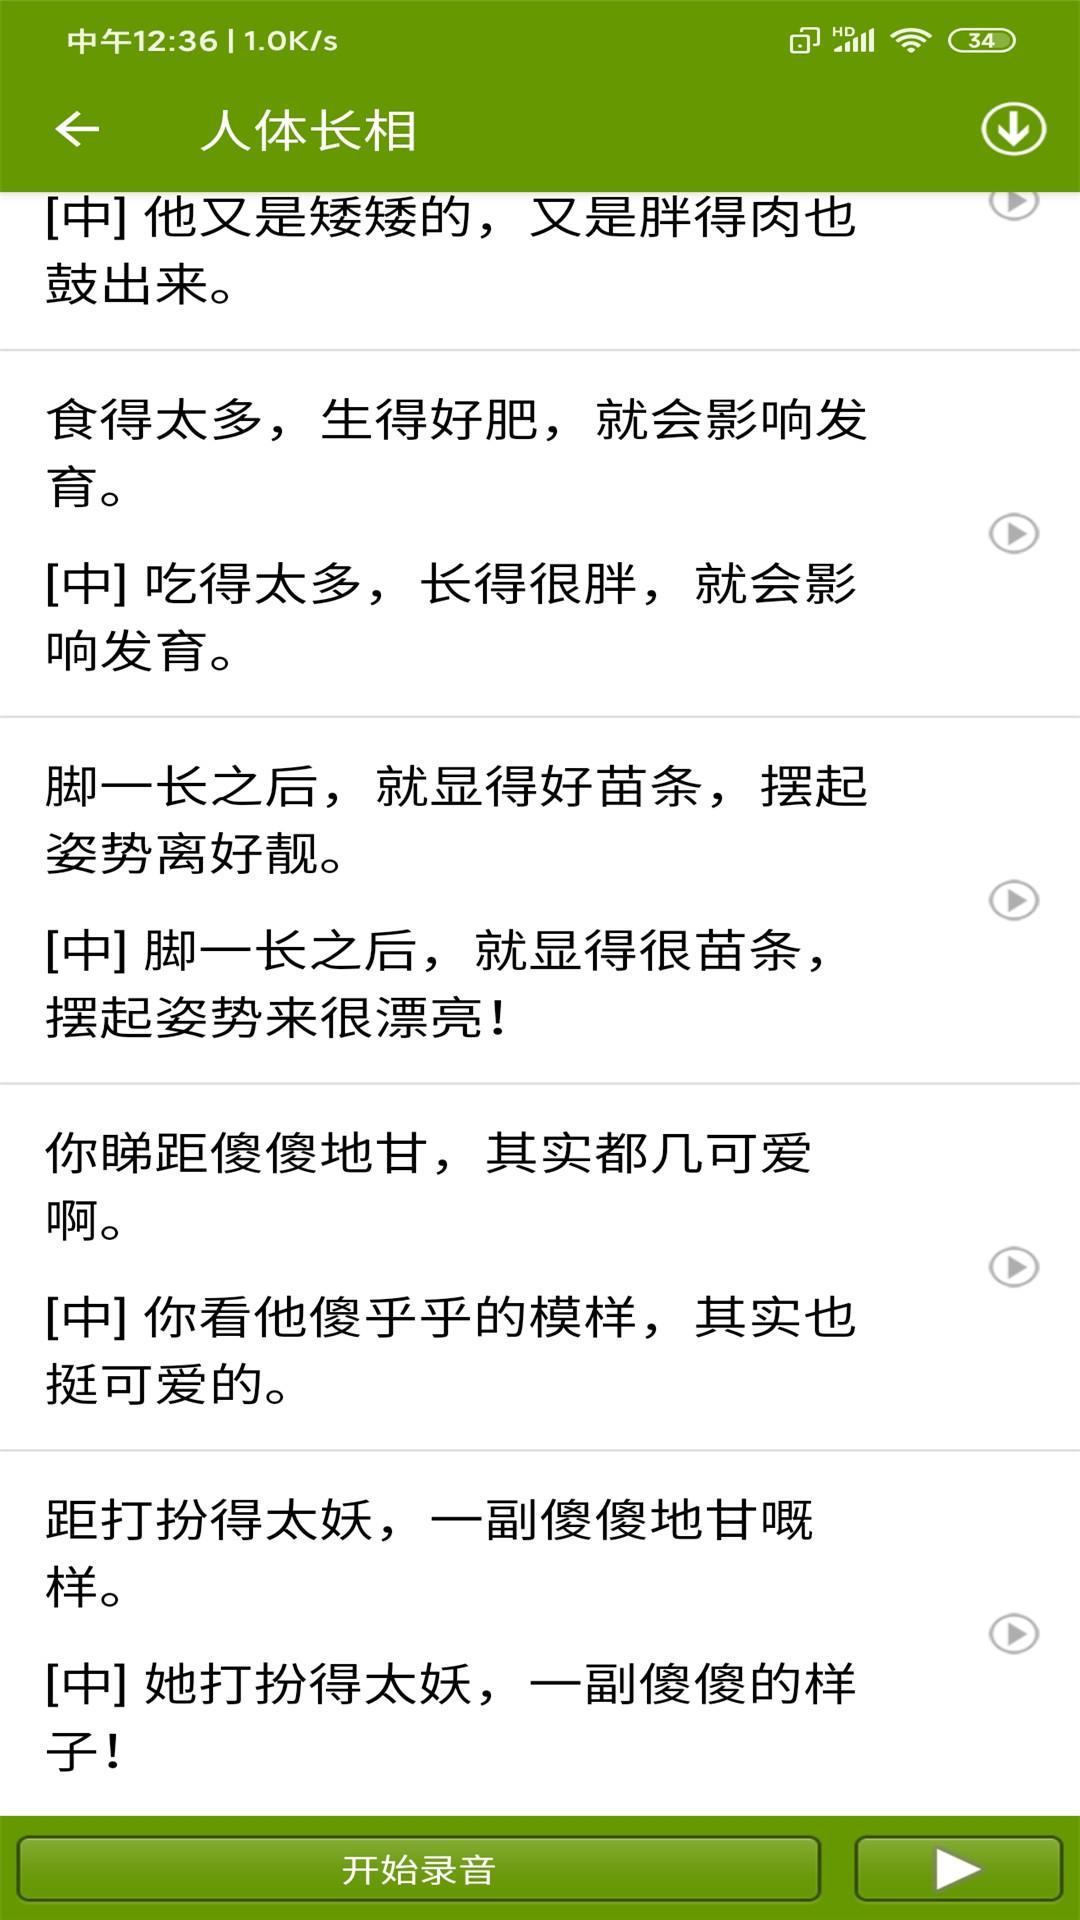 粤语助手 V1.0.5 安卓版截图2